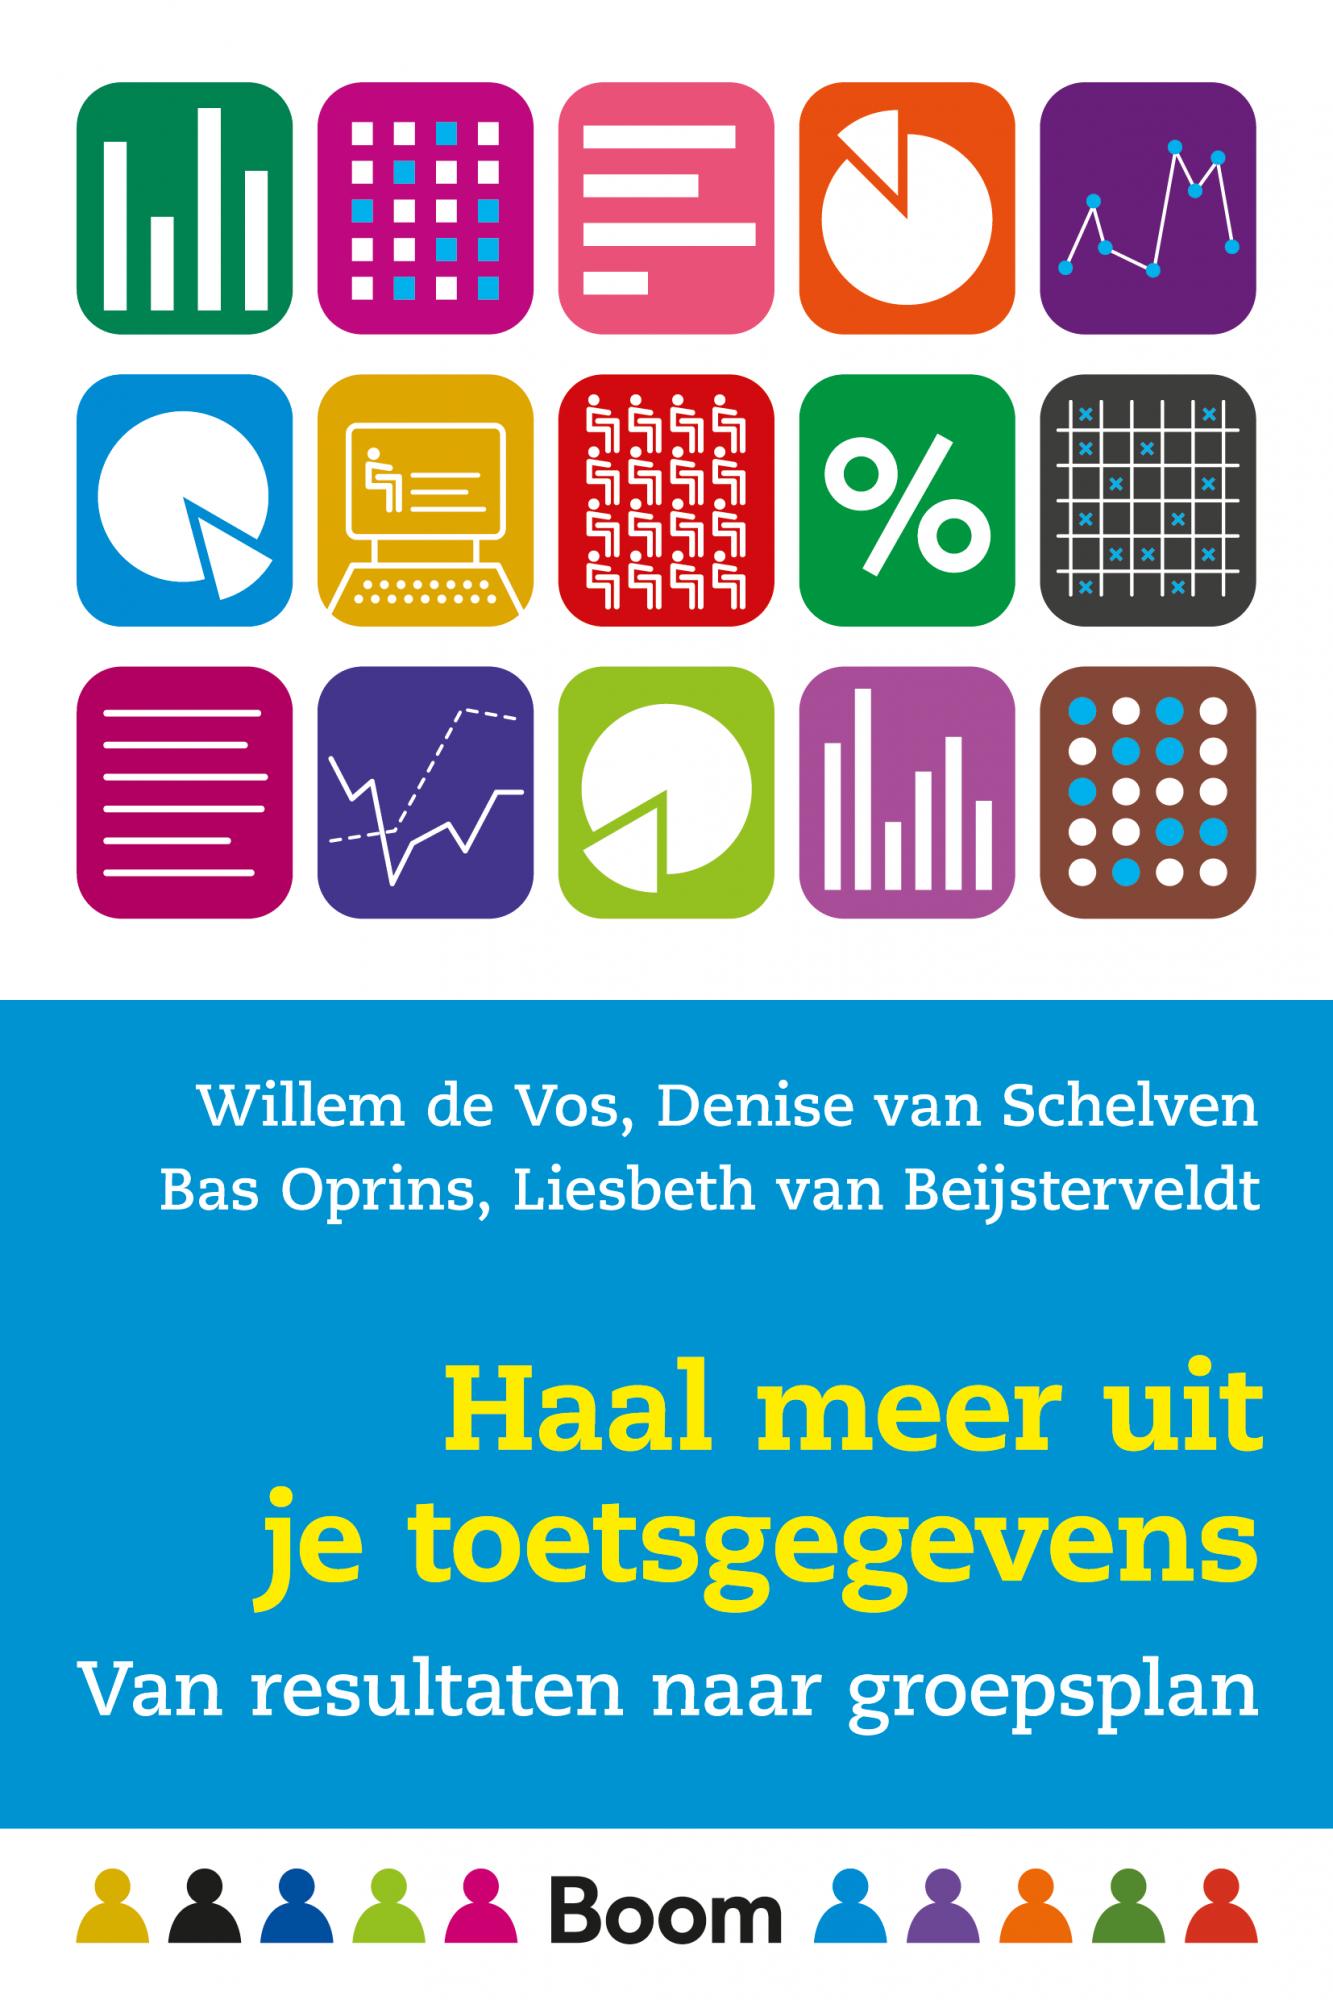 Haal meer uit je toetsgegevens | De Vos, Van Schelven ...